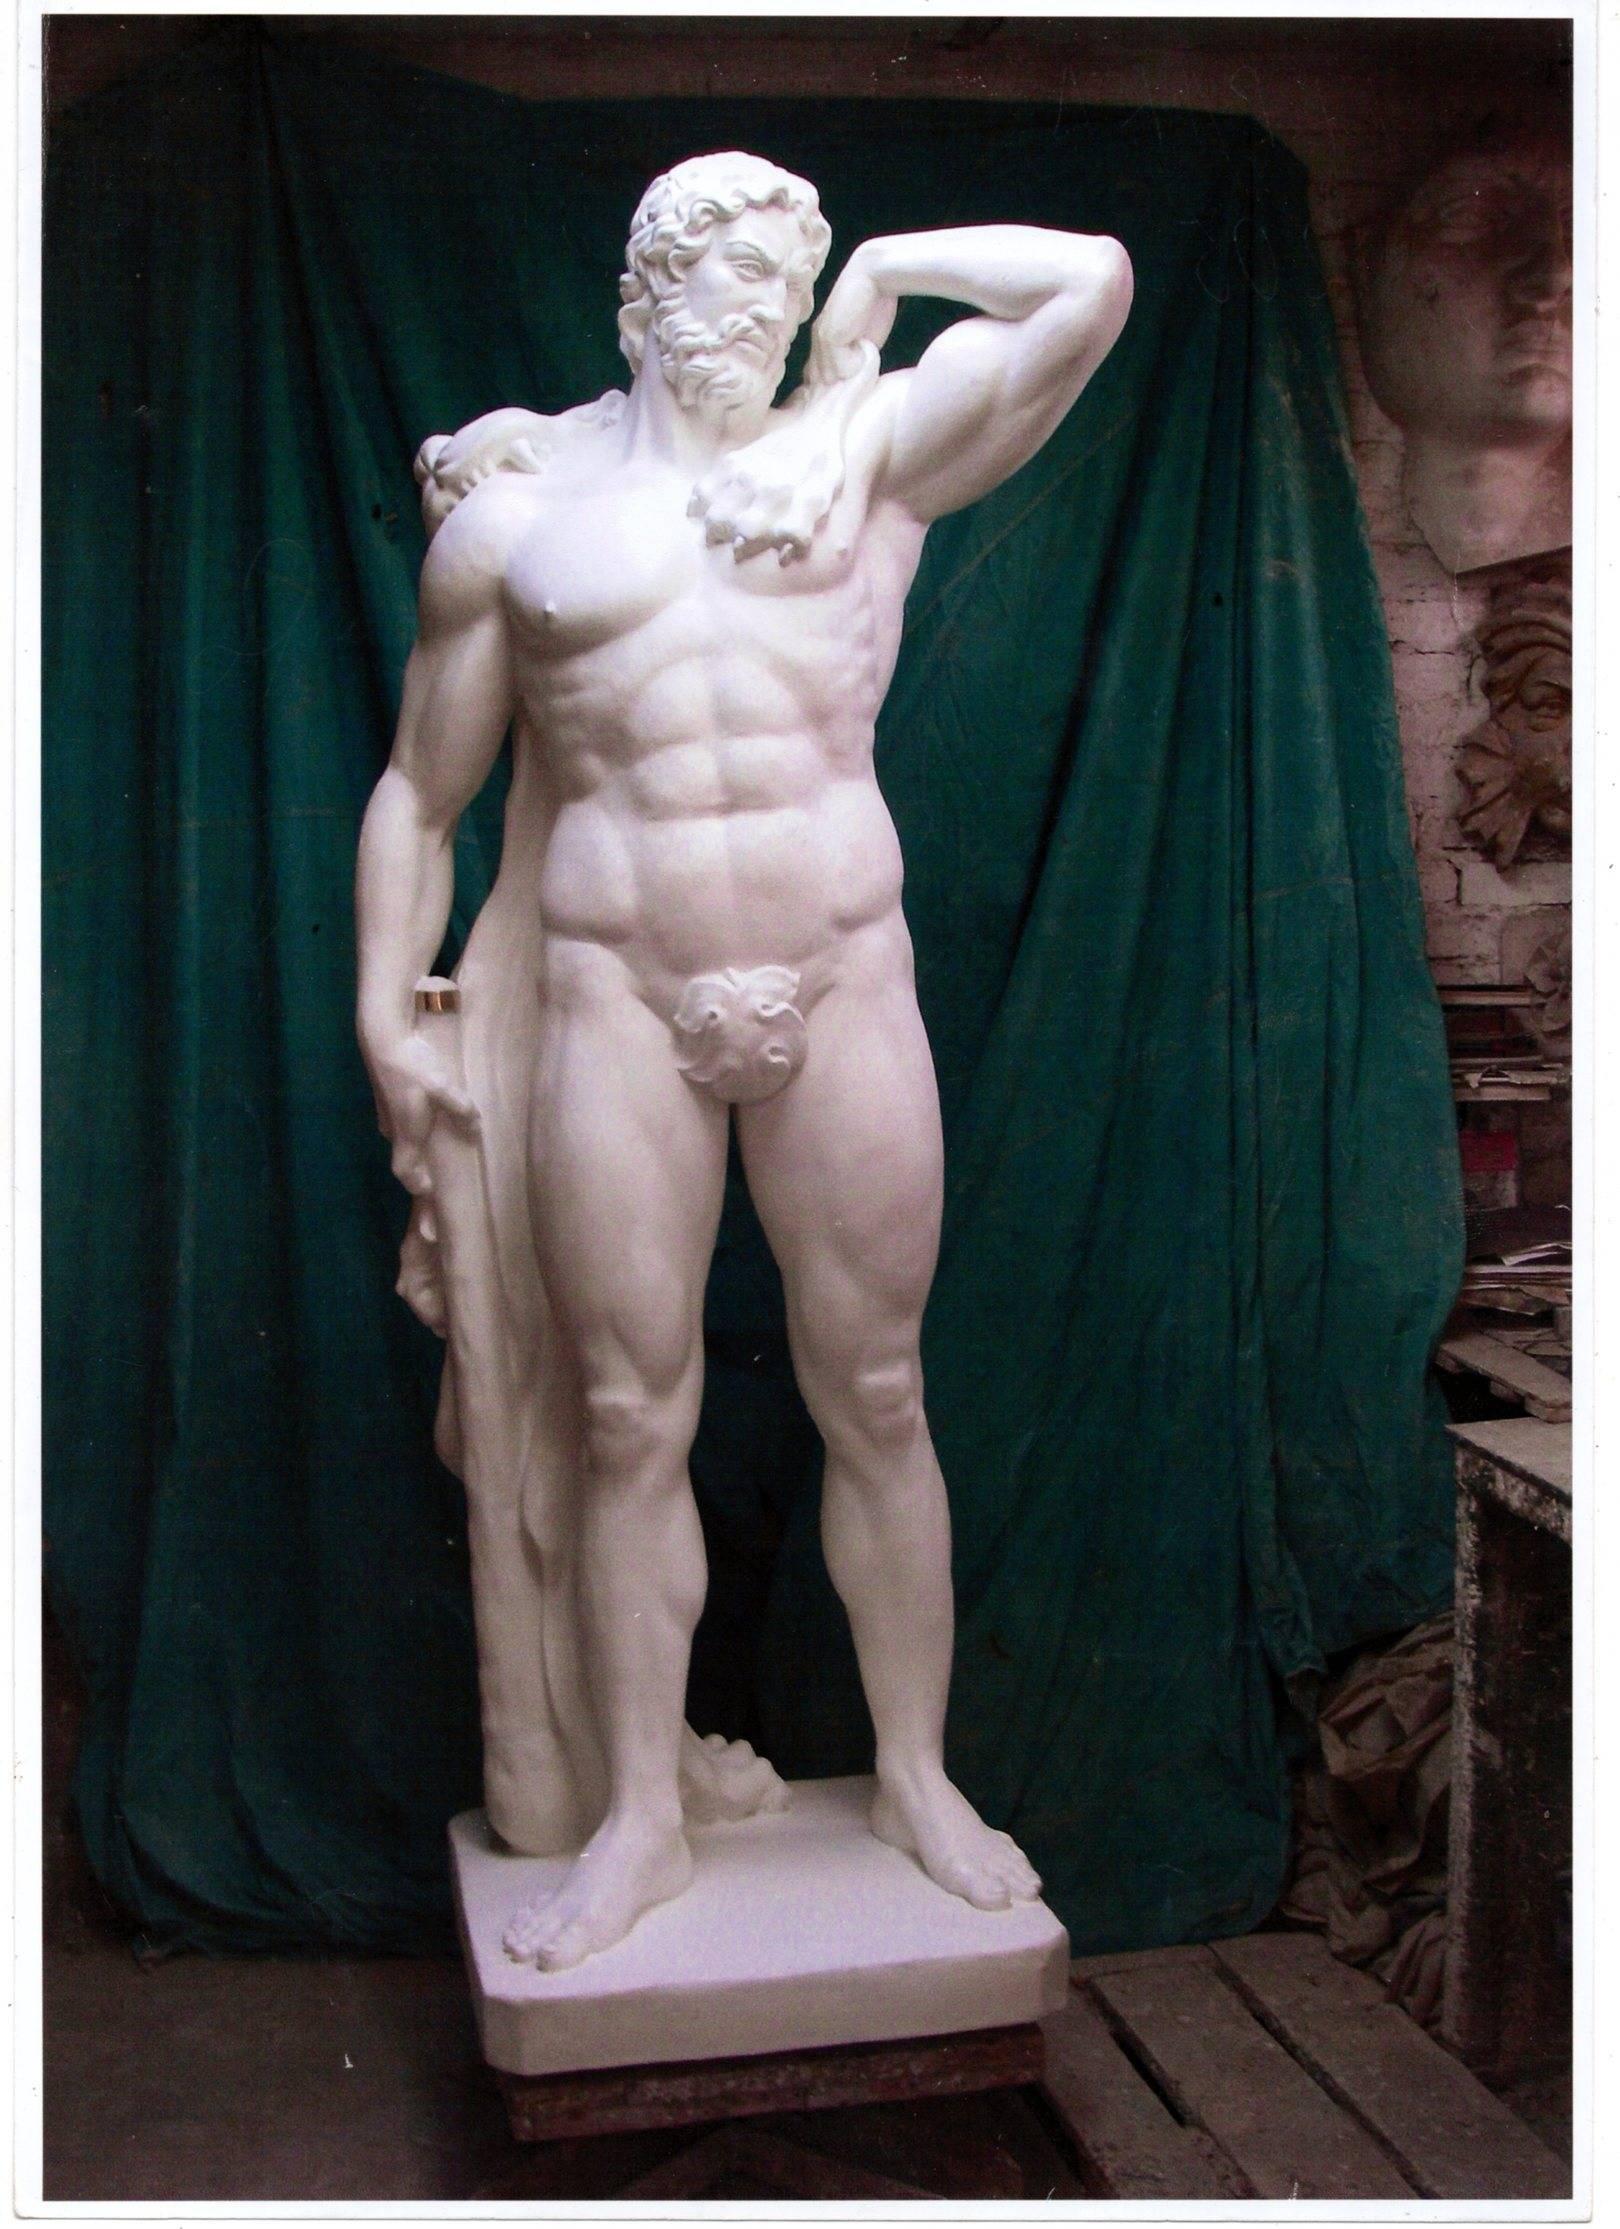 Геракл. Размер 1,25 натуры.